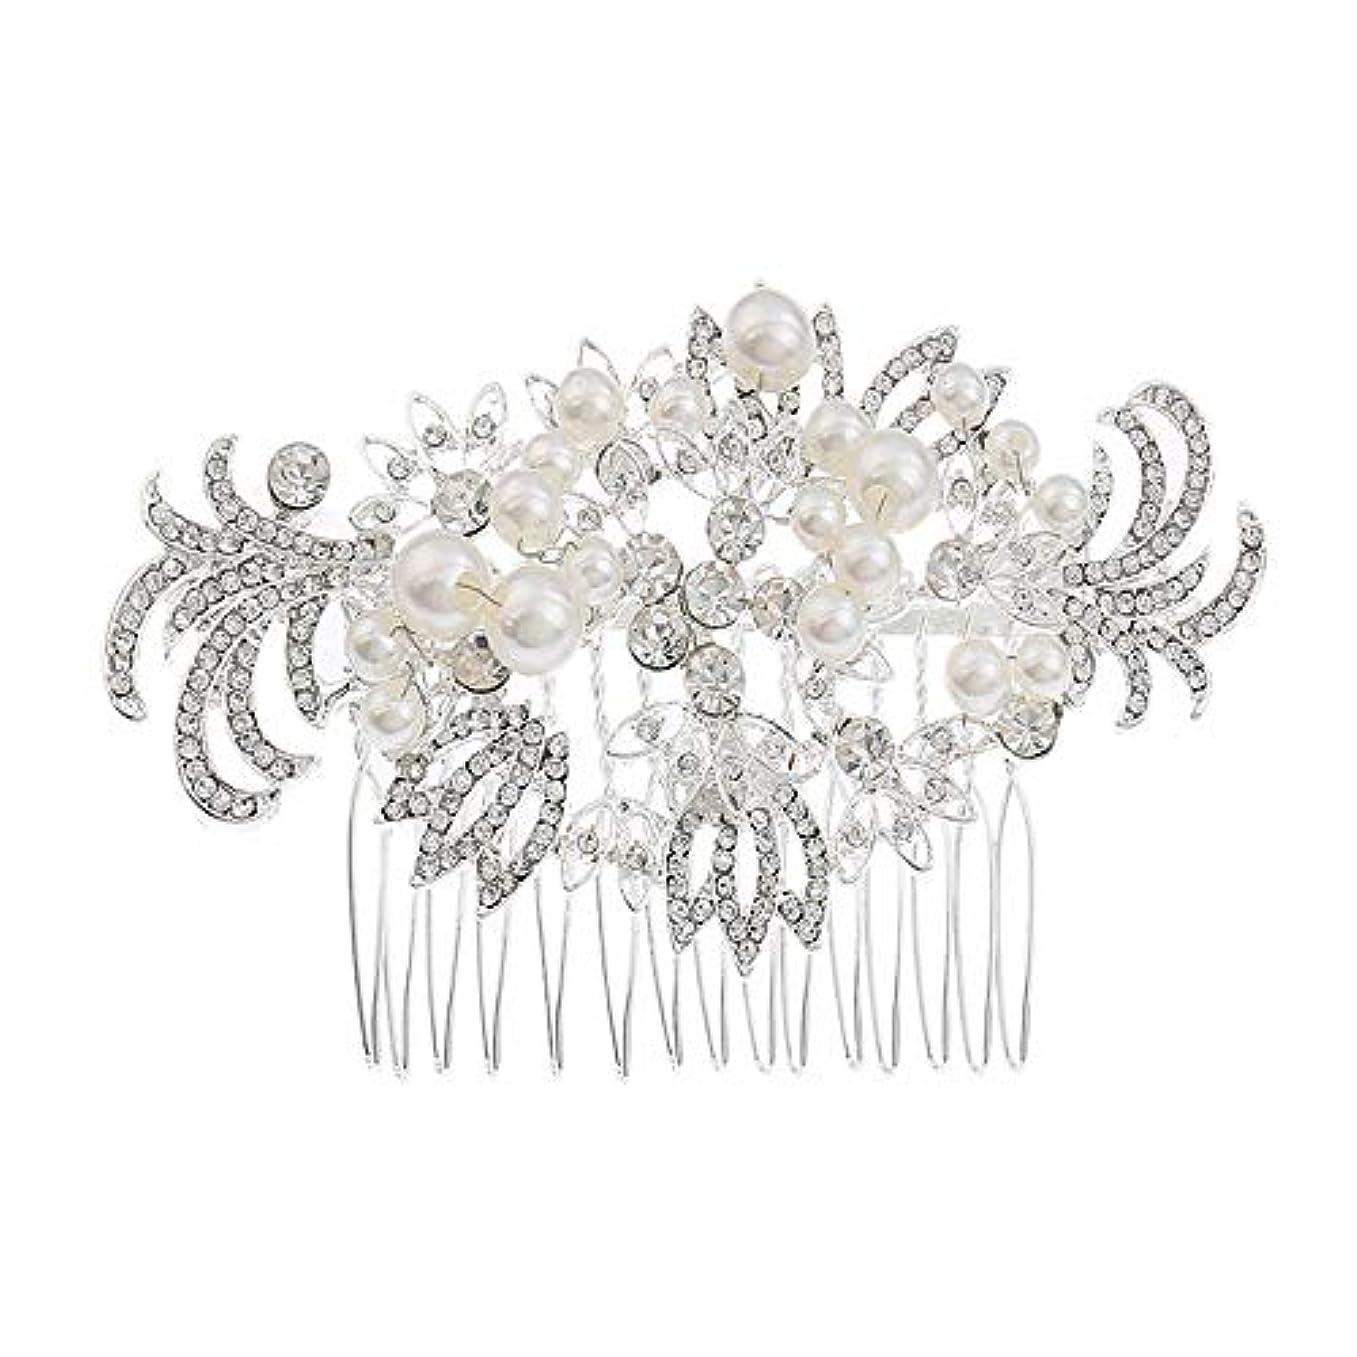 不良品銀河本当に髪の櫛挿入櫛花嫁の髪櫛真珠の髪の櫛ラインストーンの髪の櫛結婚式のヘアアクセサリー合金の帽子ブライダルヘッドドレス